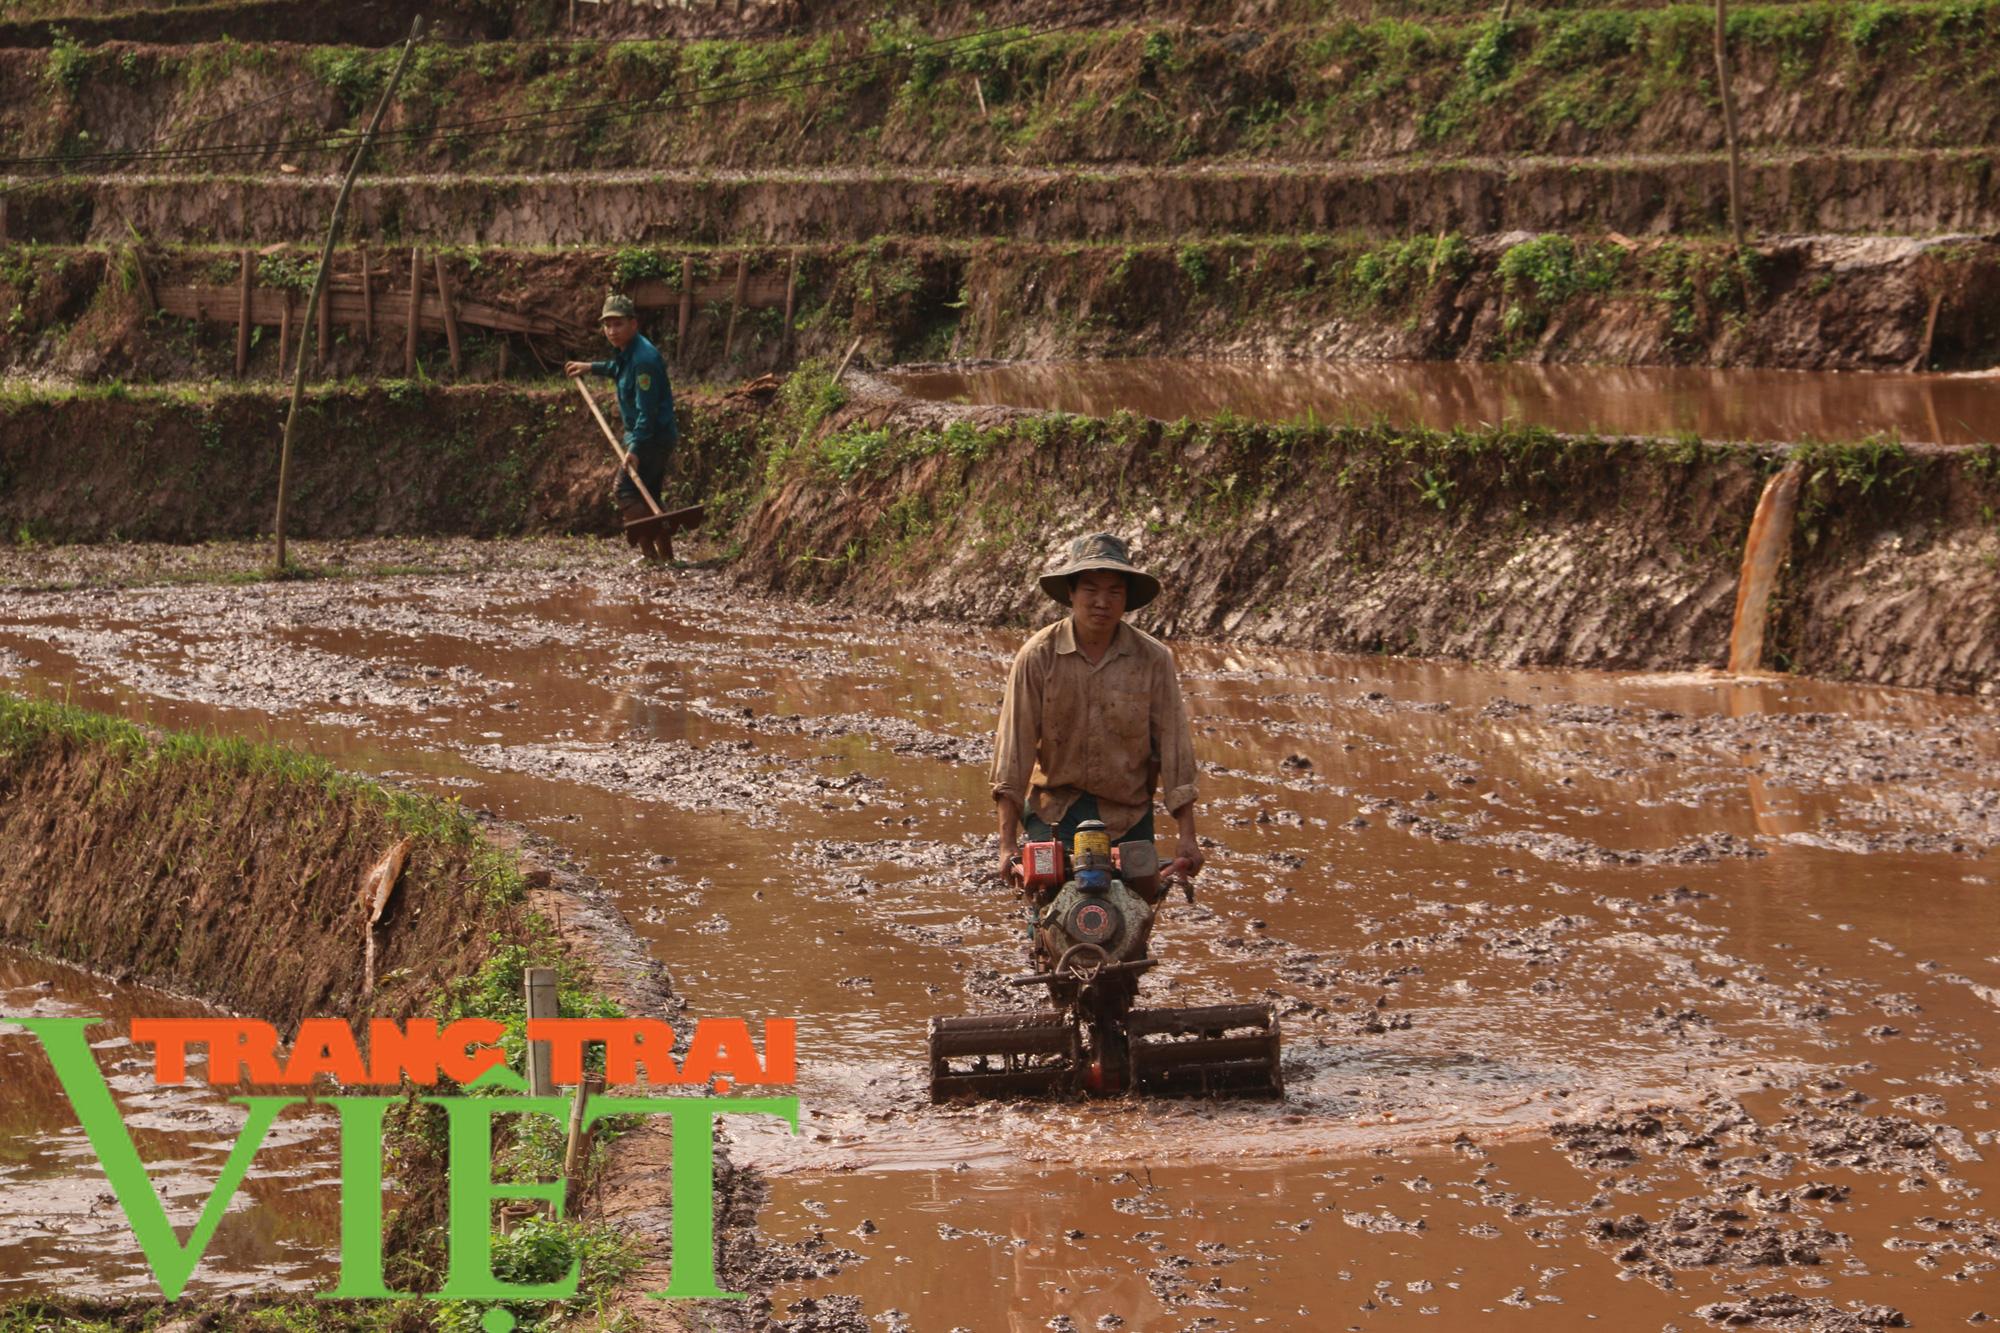 Yên Châu: Ứng dụng khoa học - kỹ thuật vào sản xuất nông nghiệp - Ảnh 1.